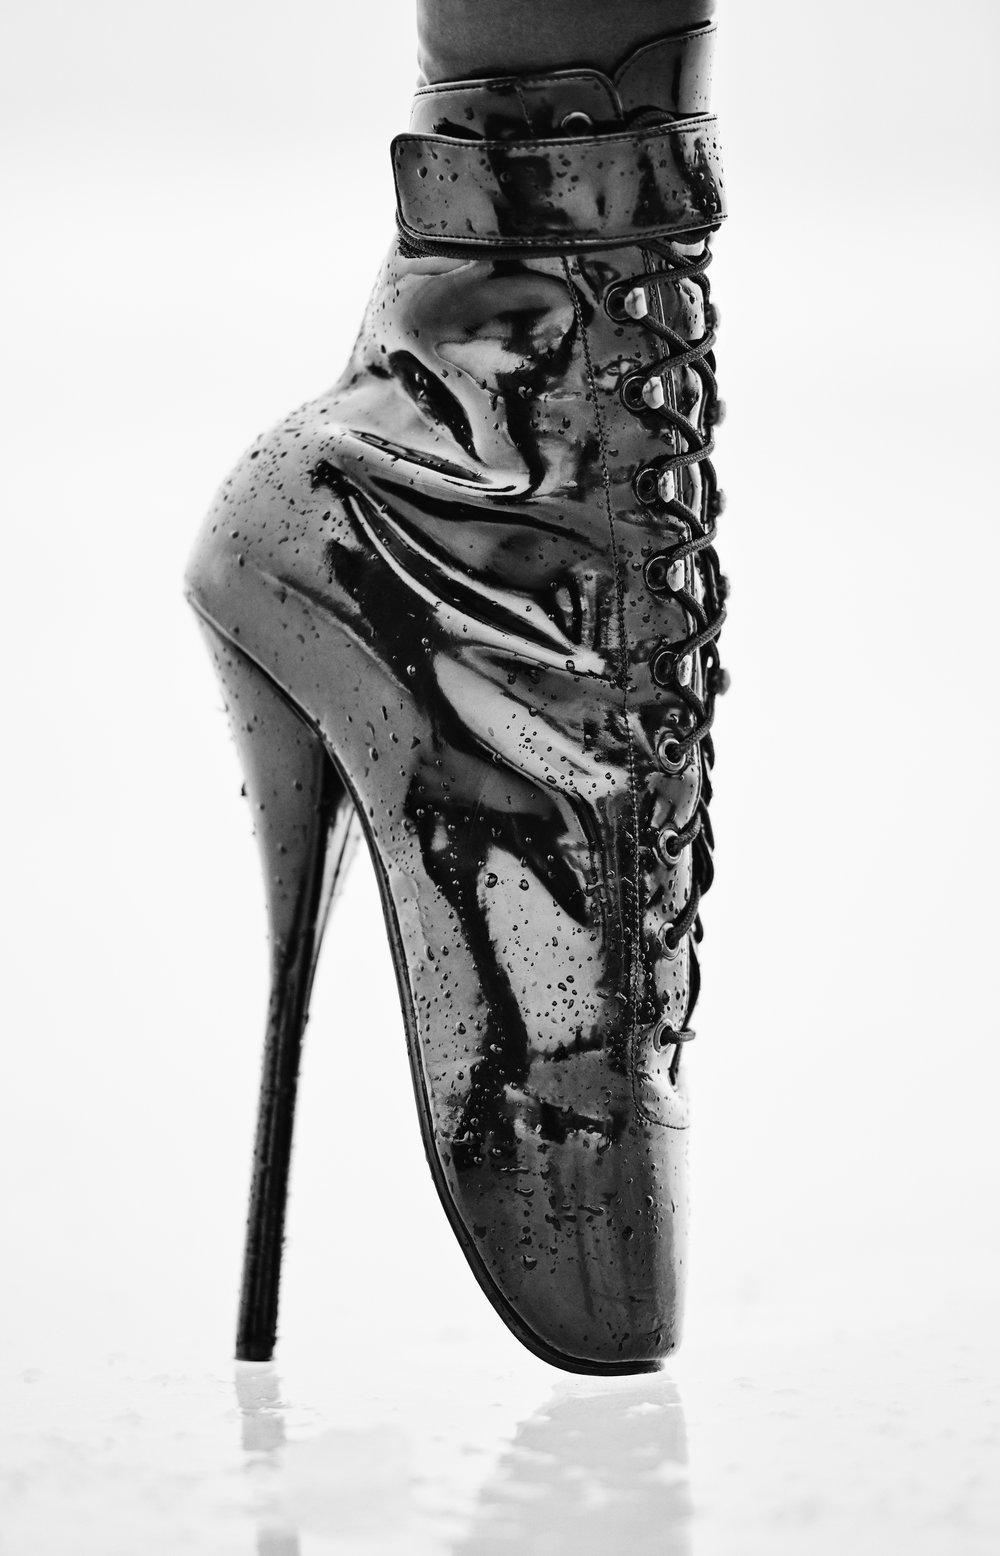 """Julia Comita x TwistedLamb- """"Mr. Vamp""""- 26x40- Digital Inkjet Print- Edition of 10- 2016- $1200.jpg"""